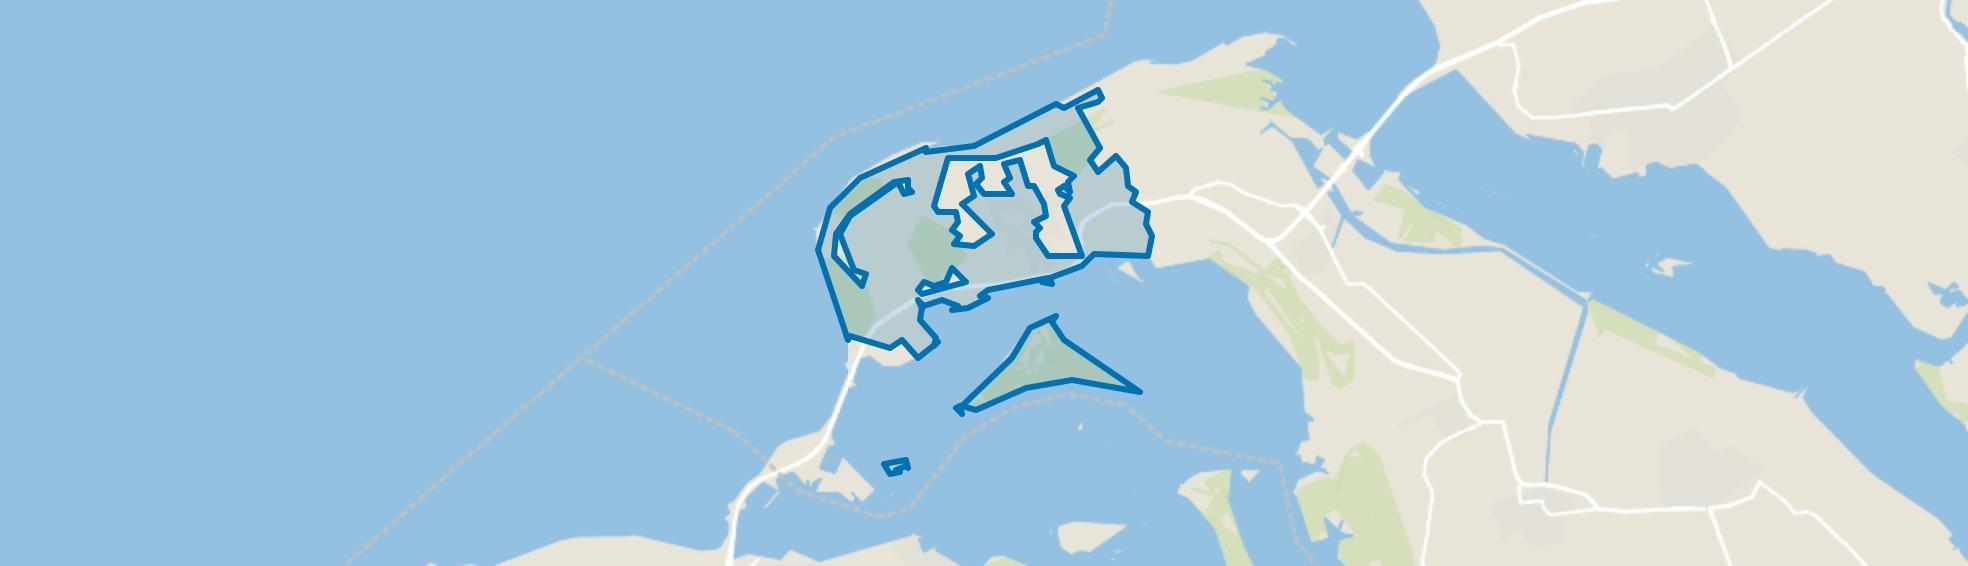 Ouddorp buitengebied, Ouddorp map